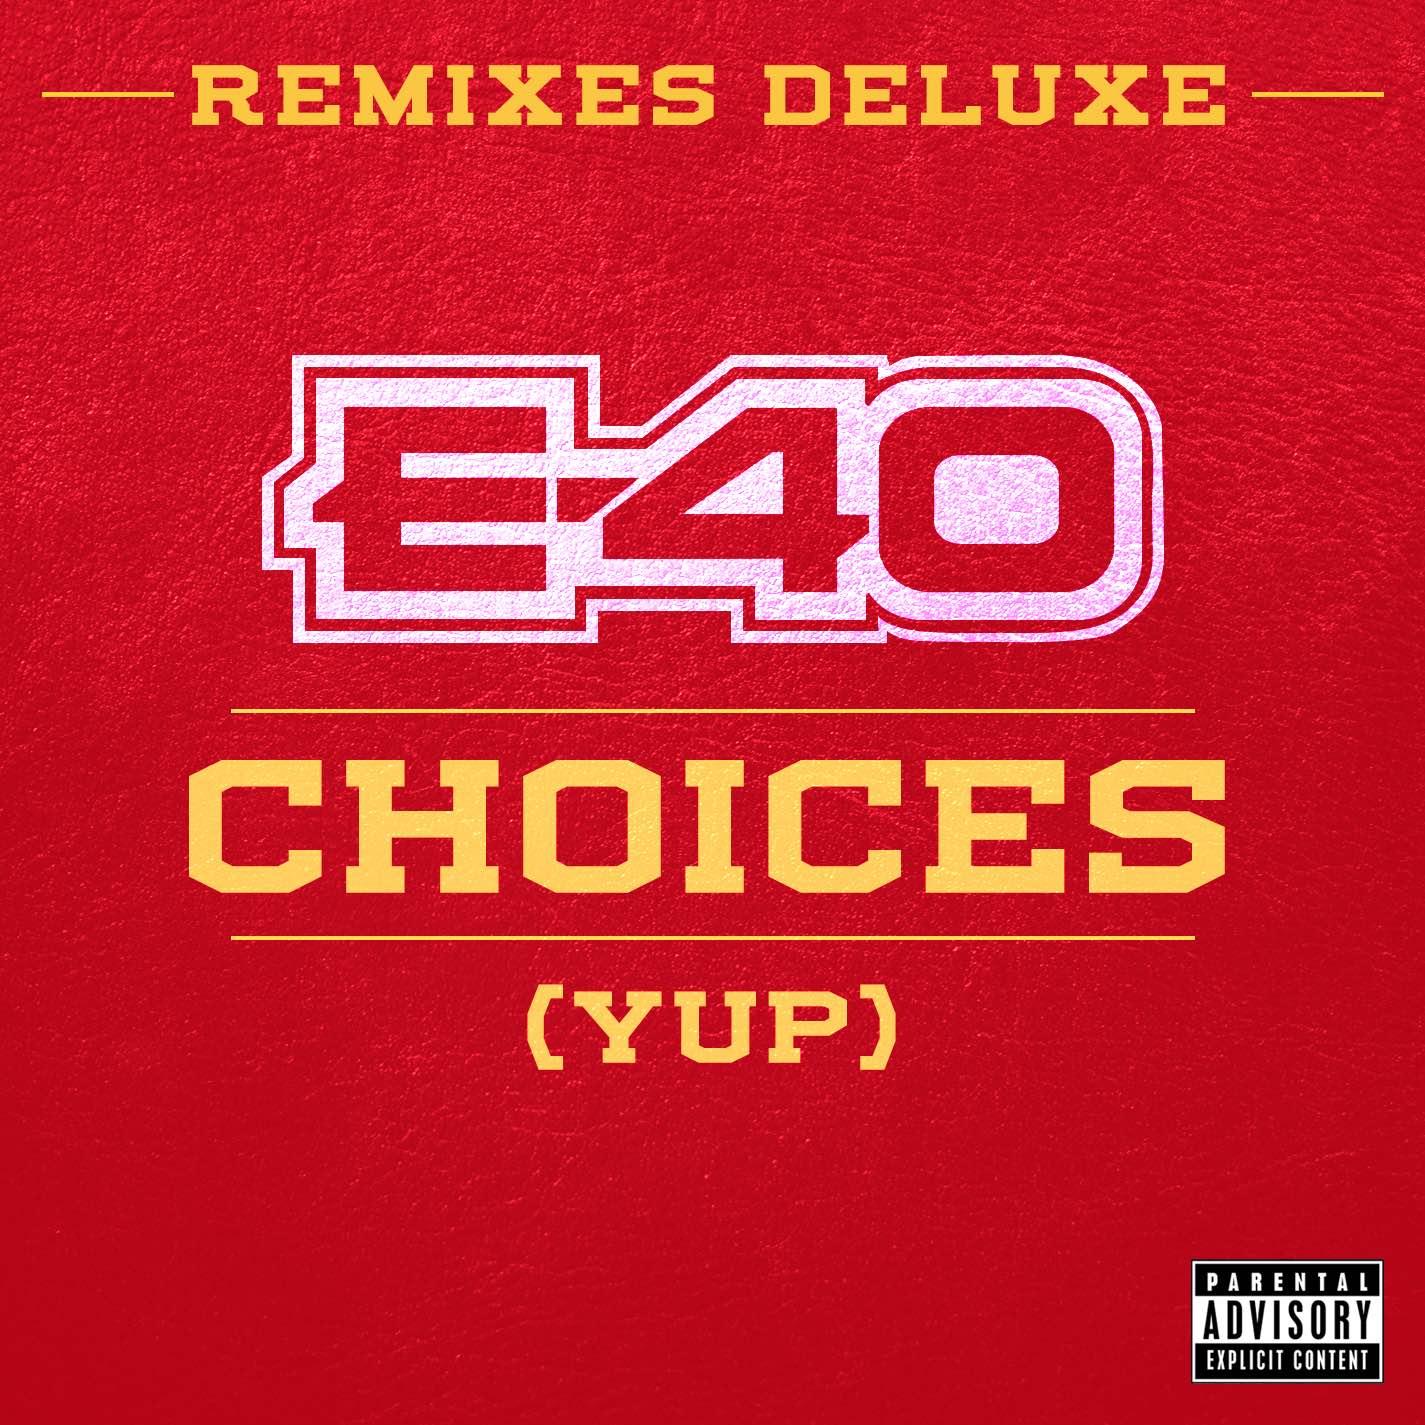 E40-Choices-Remixes-Deluxe